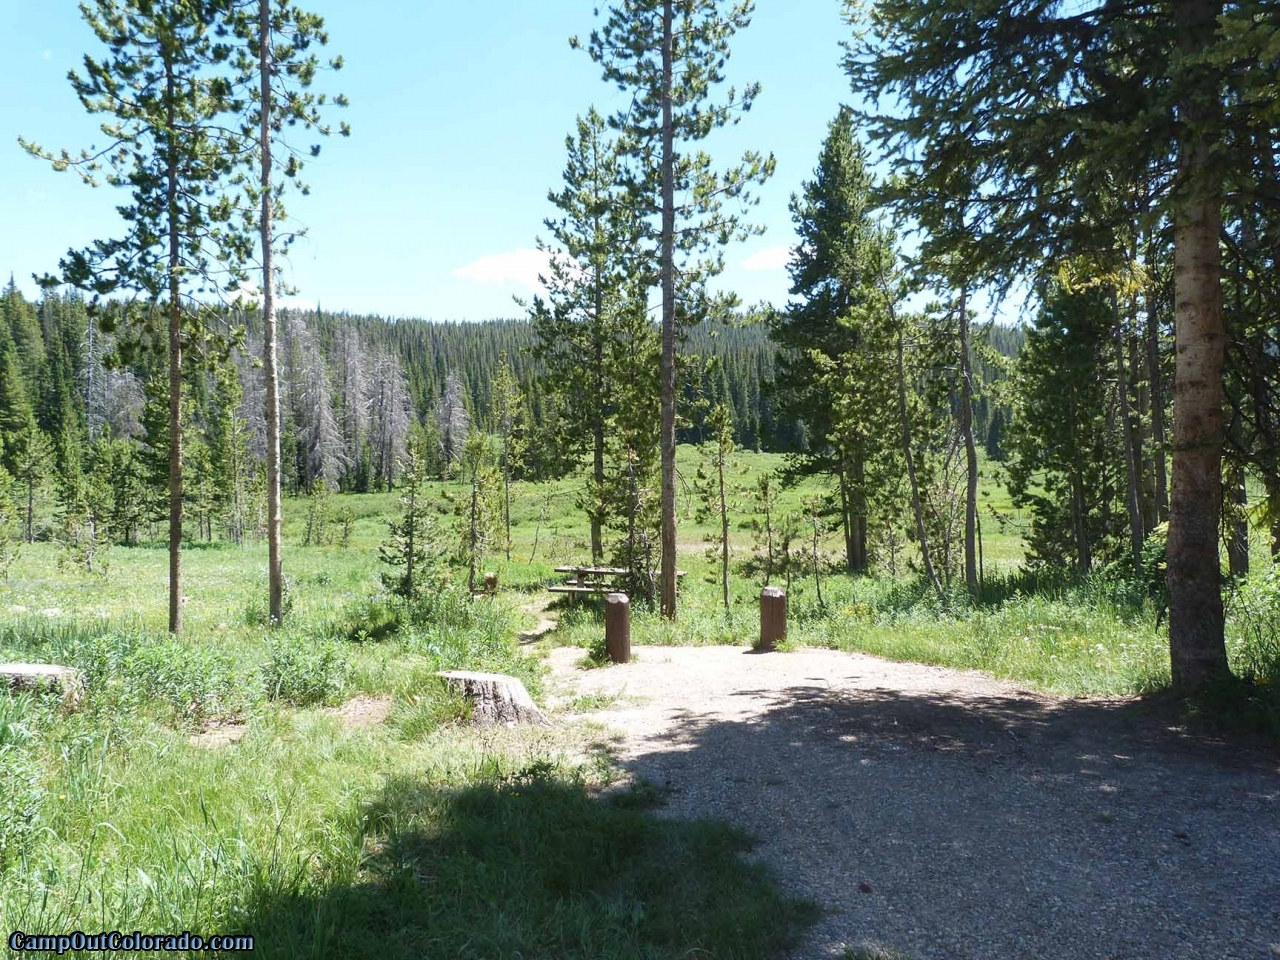 campoutcolorado-meadows-campground-rabbit-ears-edge